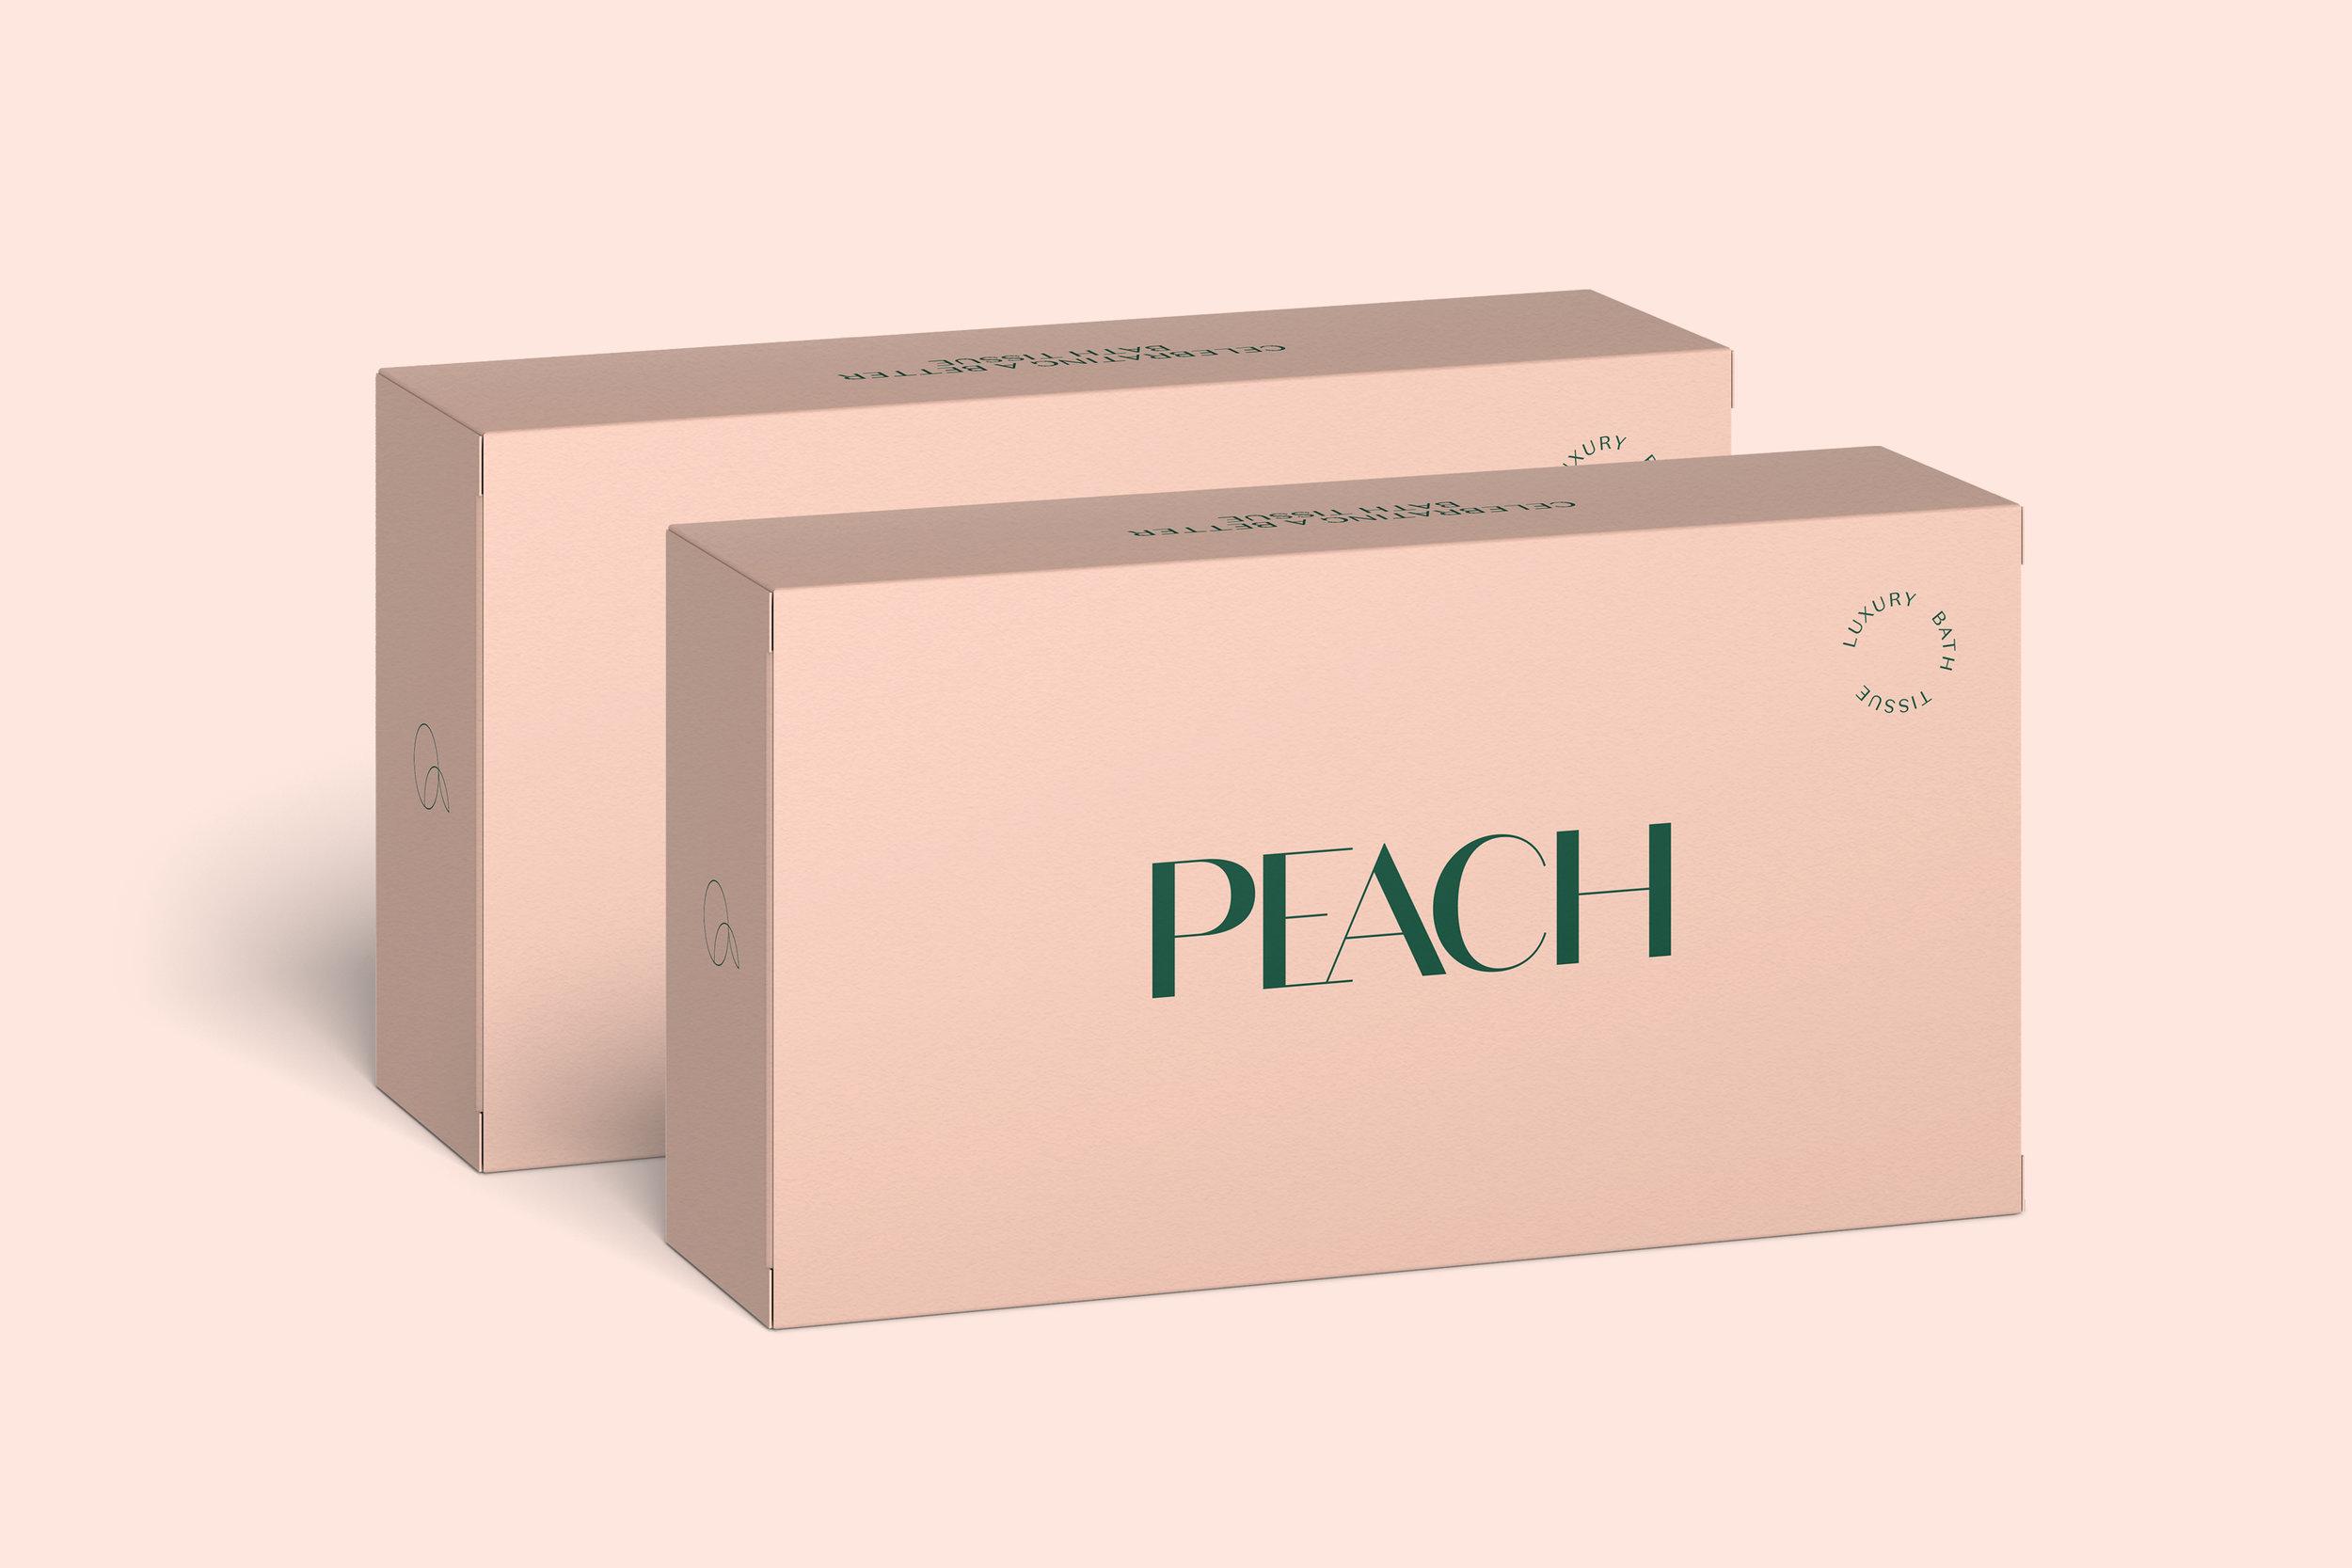 Peach_3000_2000_18.jpg